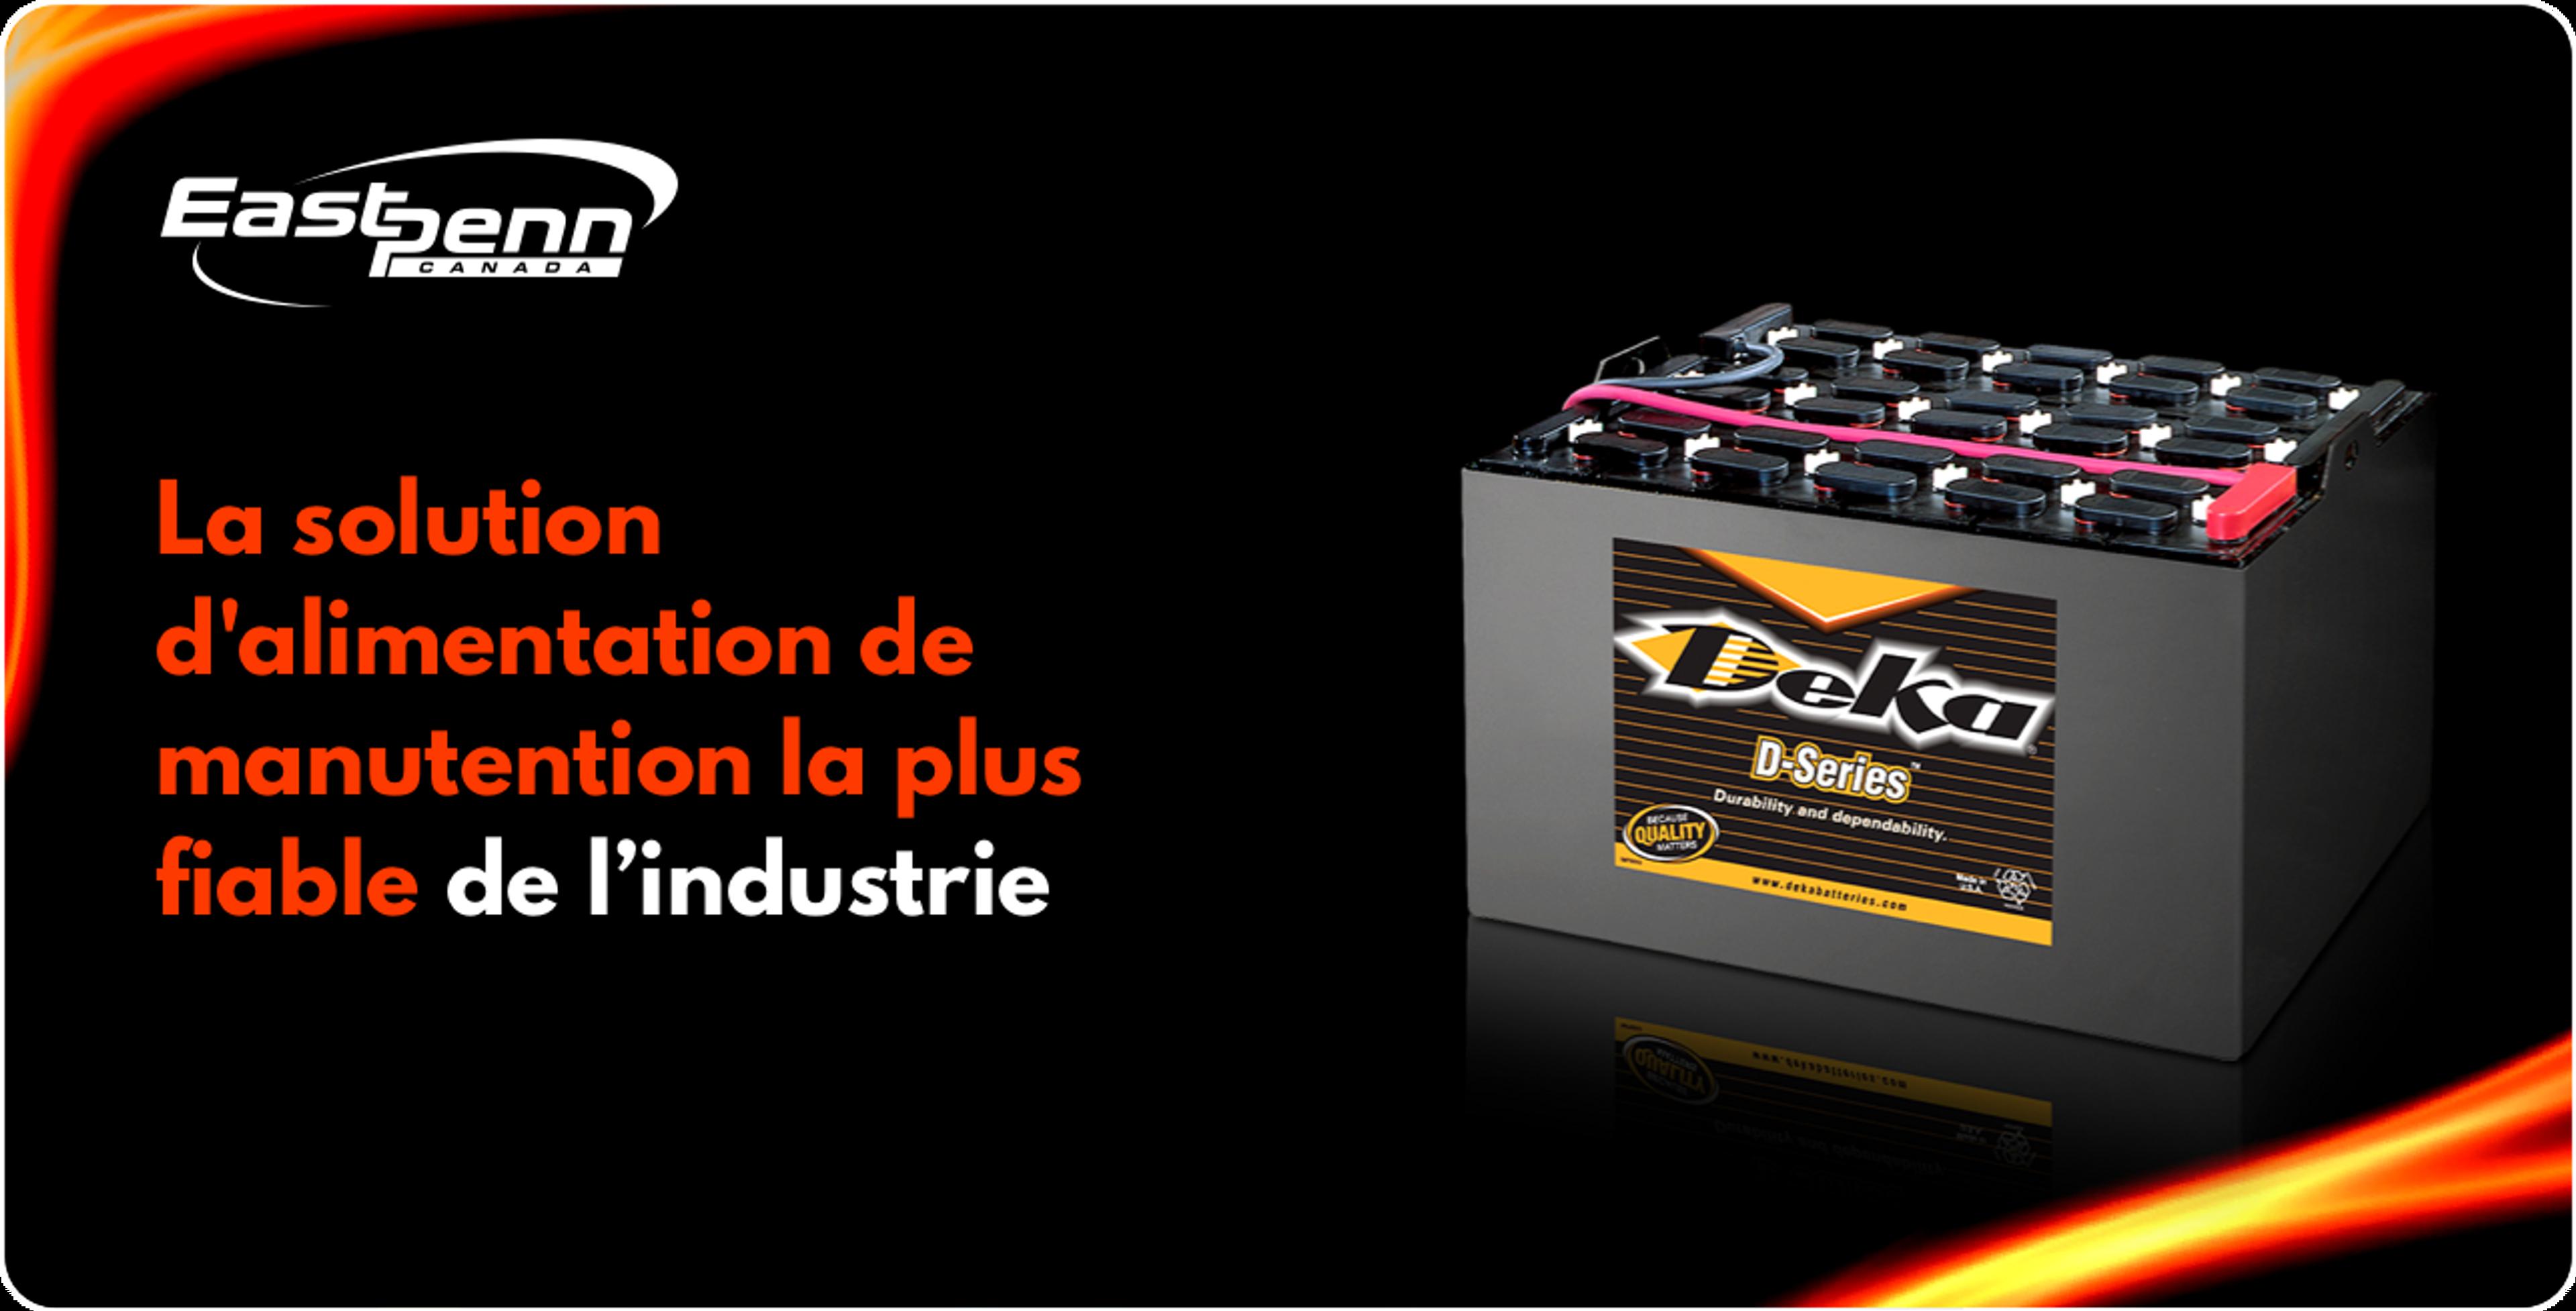 Image d'une batterie Deka série D sur fond noir avec des fusées éclairantes rouges, jaunes et blanches et un texte indiquant « La solution de puissance de manipulation la plus fiable de l'industrie »